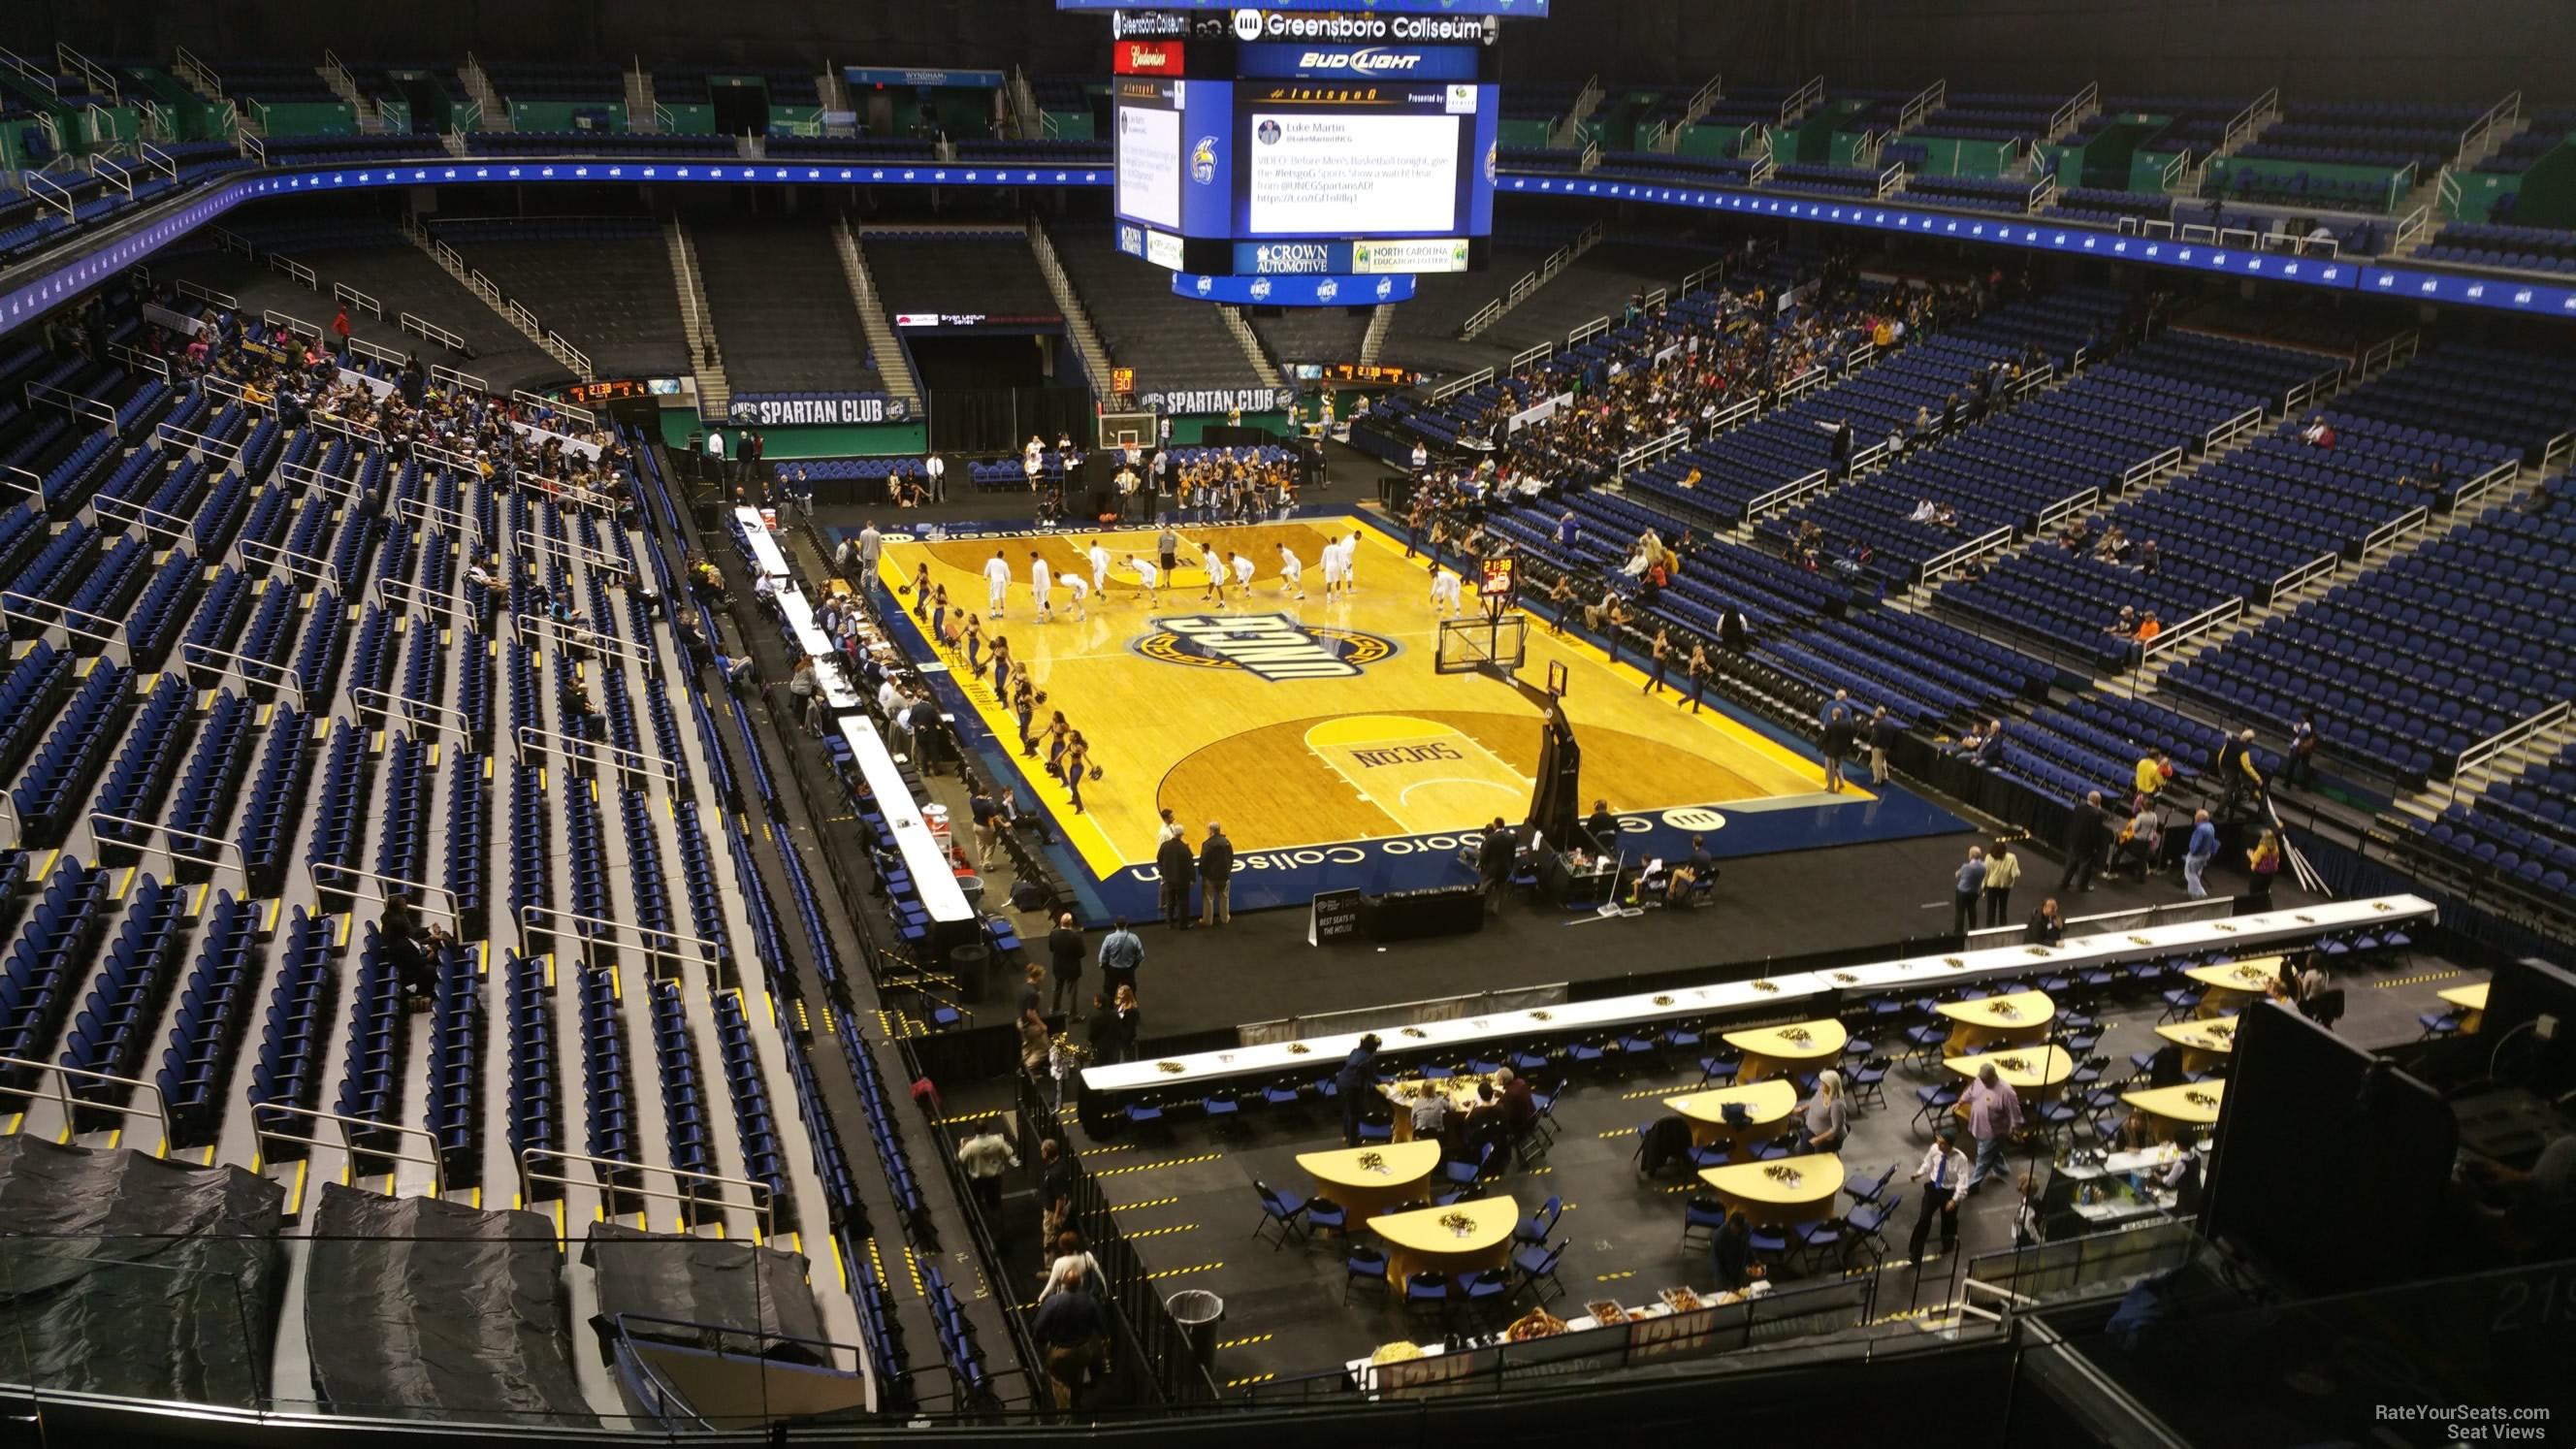 Greensboro Coliseum Section 219 Unc Greensboro